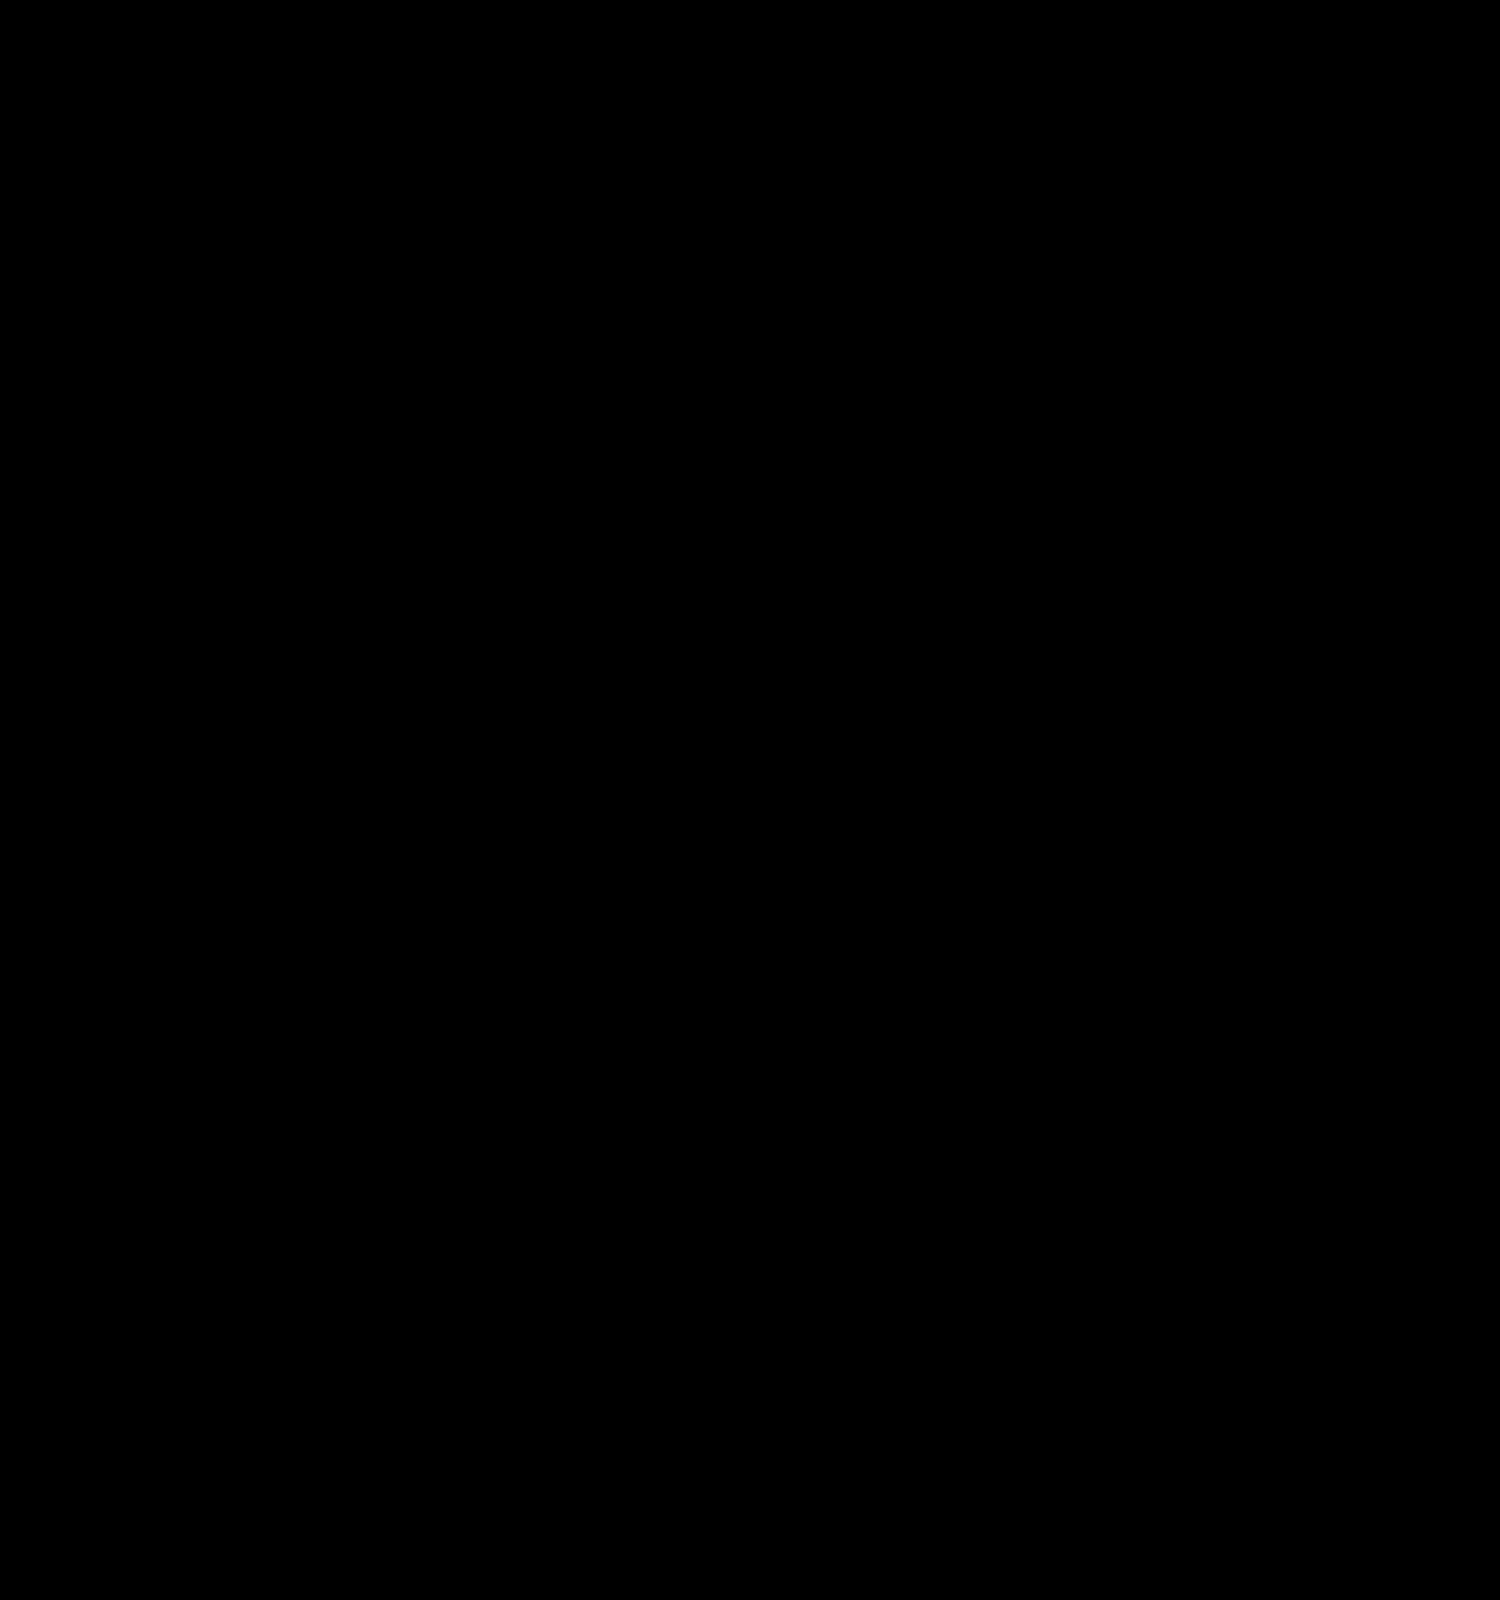 grindline-poland-logo.png